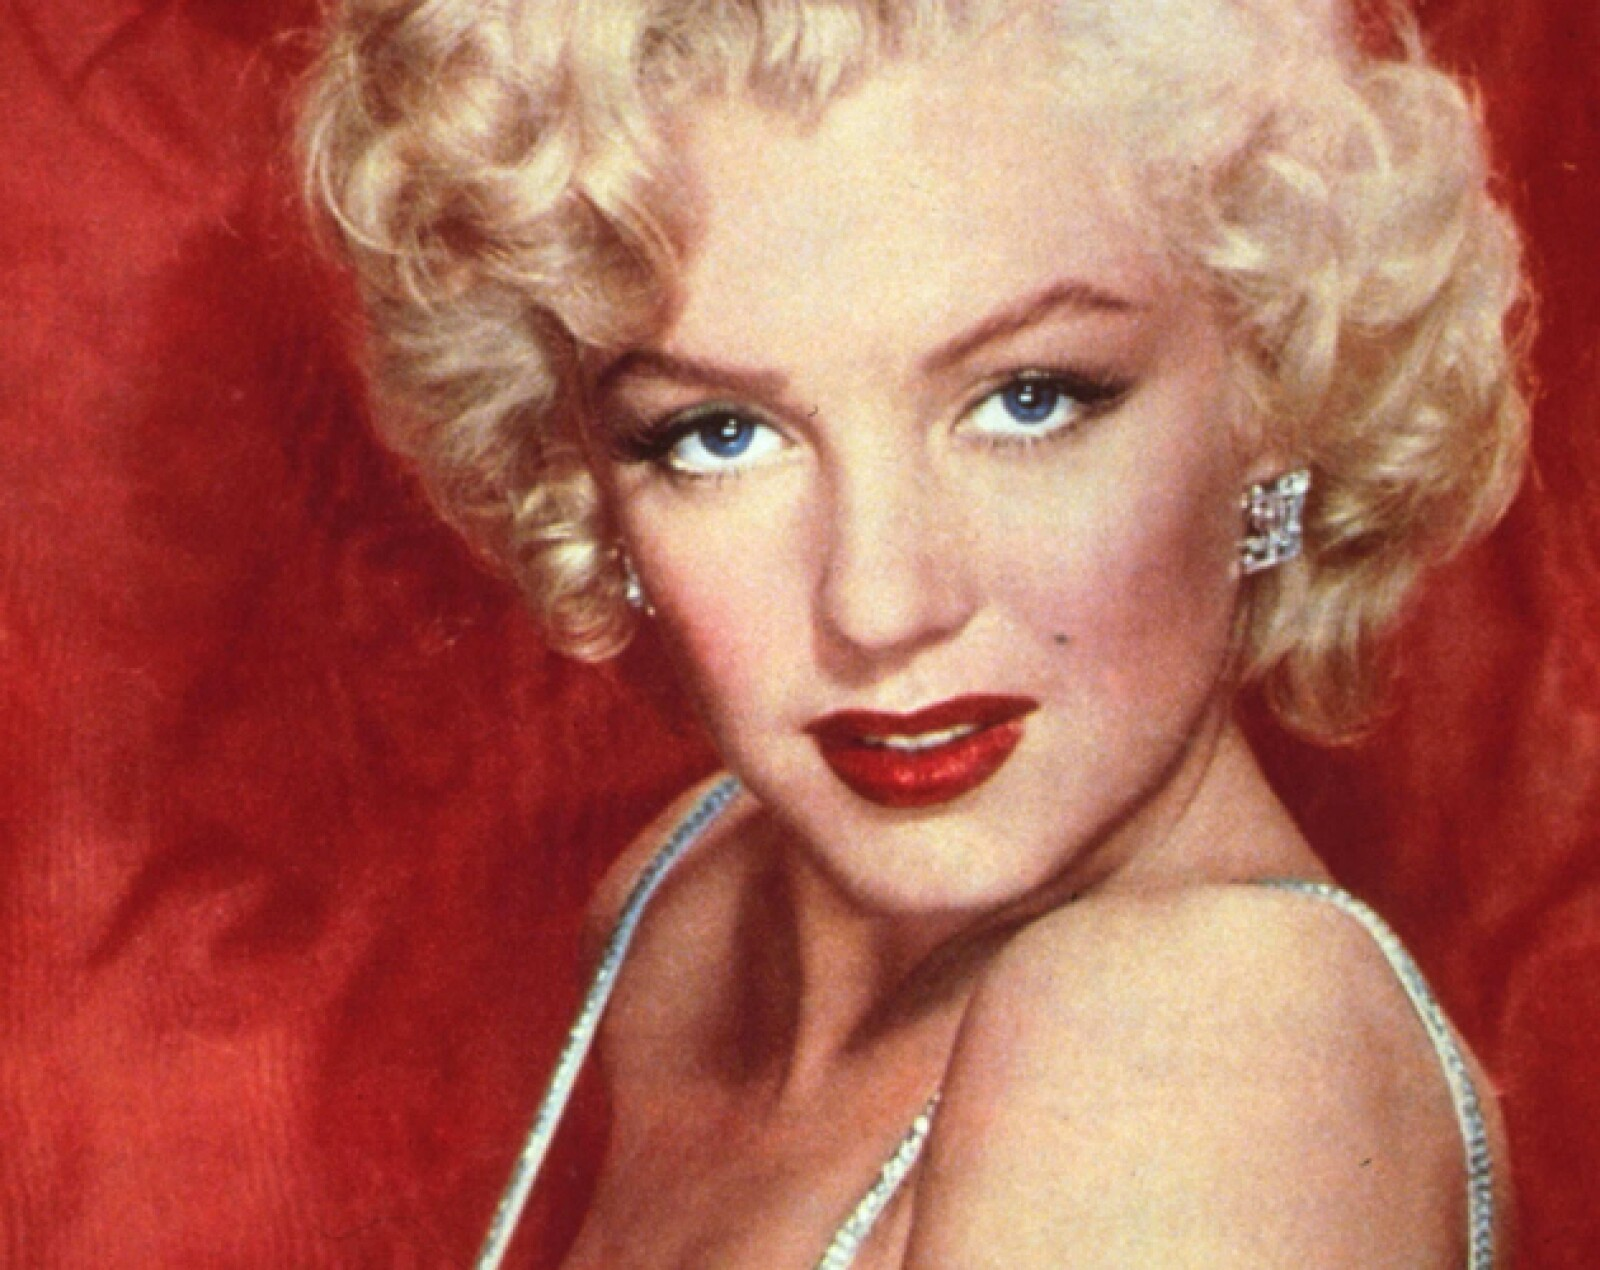 3. Marilyn Monroe. Polémica y sensual, cambió los cánones utilizando elementos del burlesque y las pin ups en su identidad.